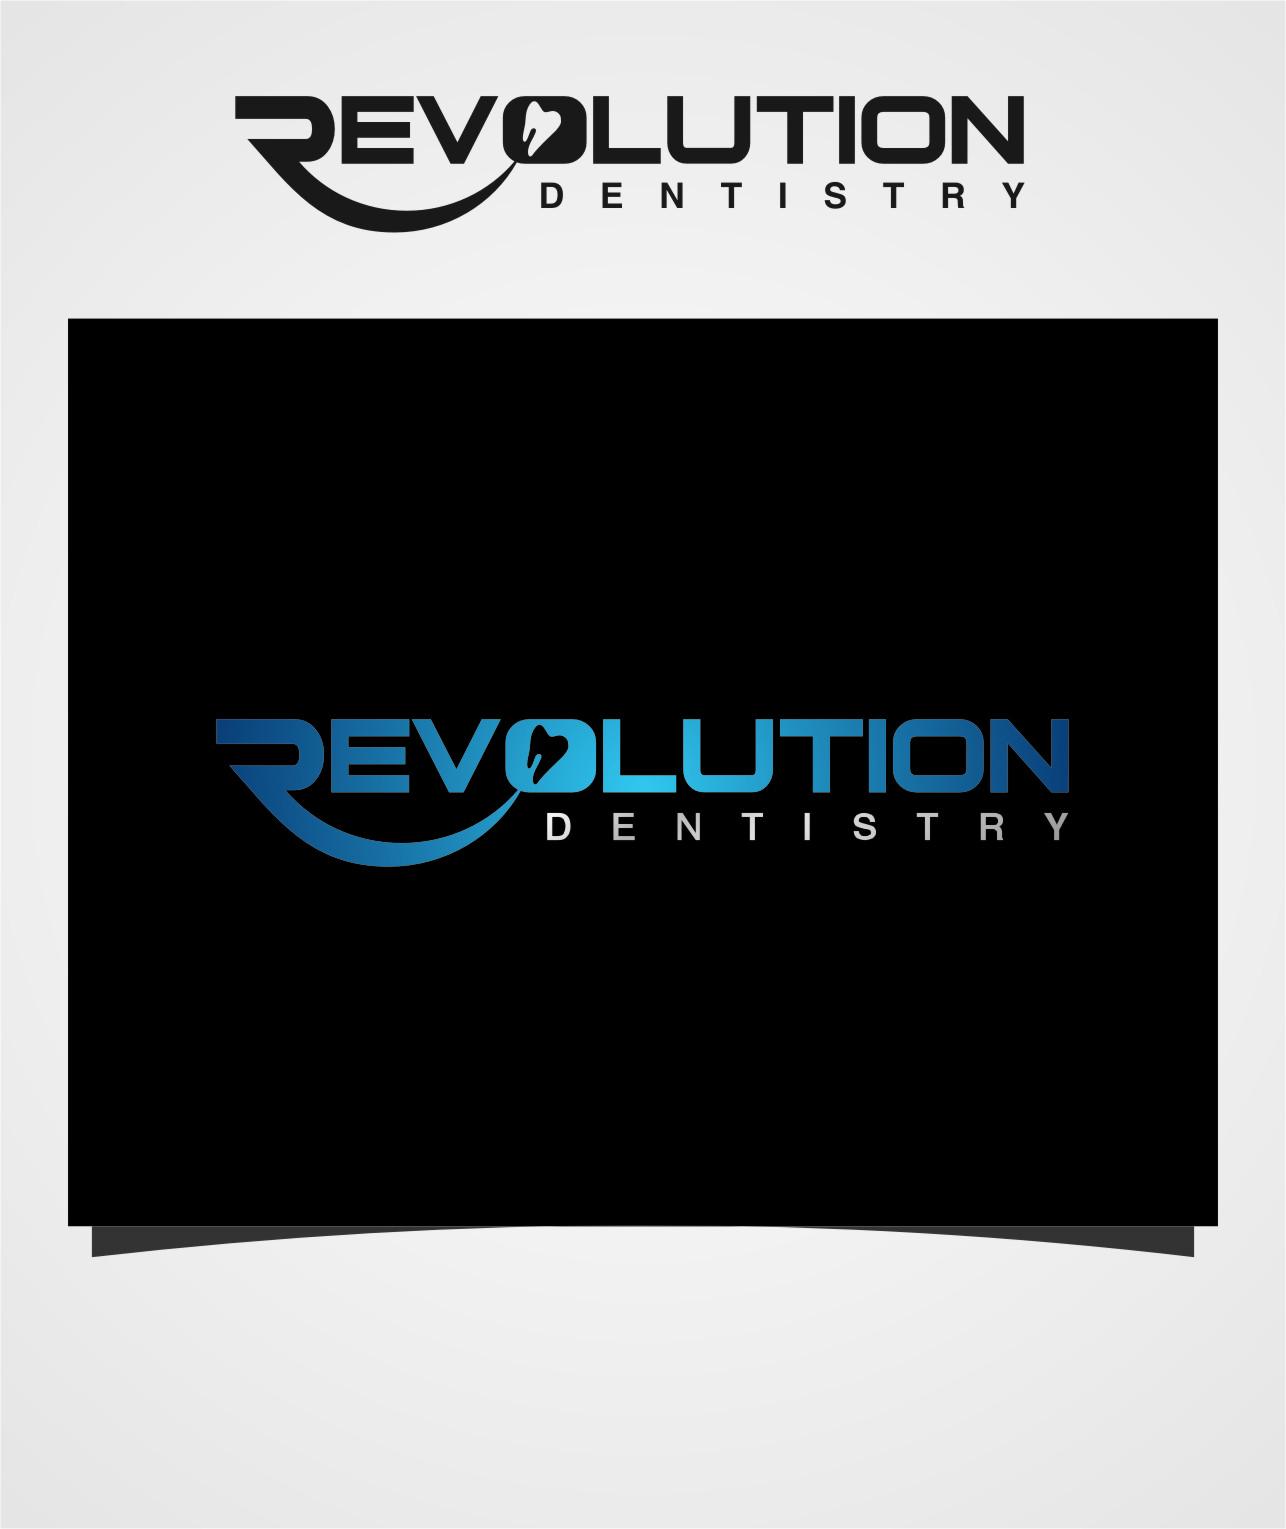 Logo Design by RasYa Muhammad Athaya - Entry No. 24 in the Logo Design Contest Artistic Logo Design for Revolution Dentistry.